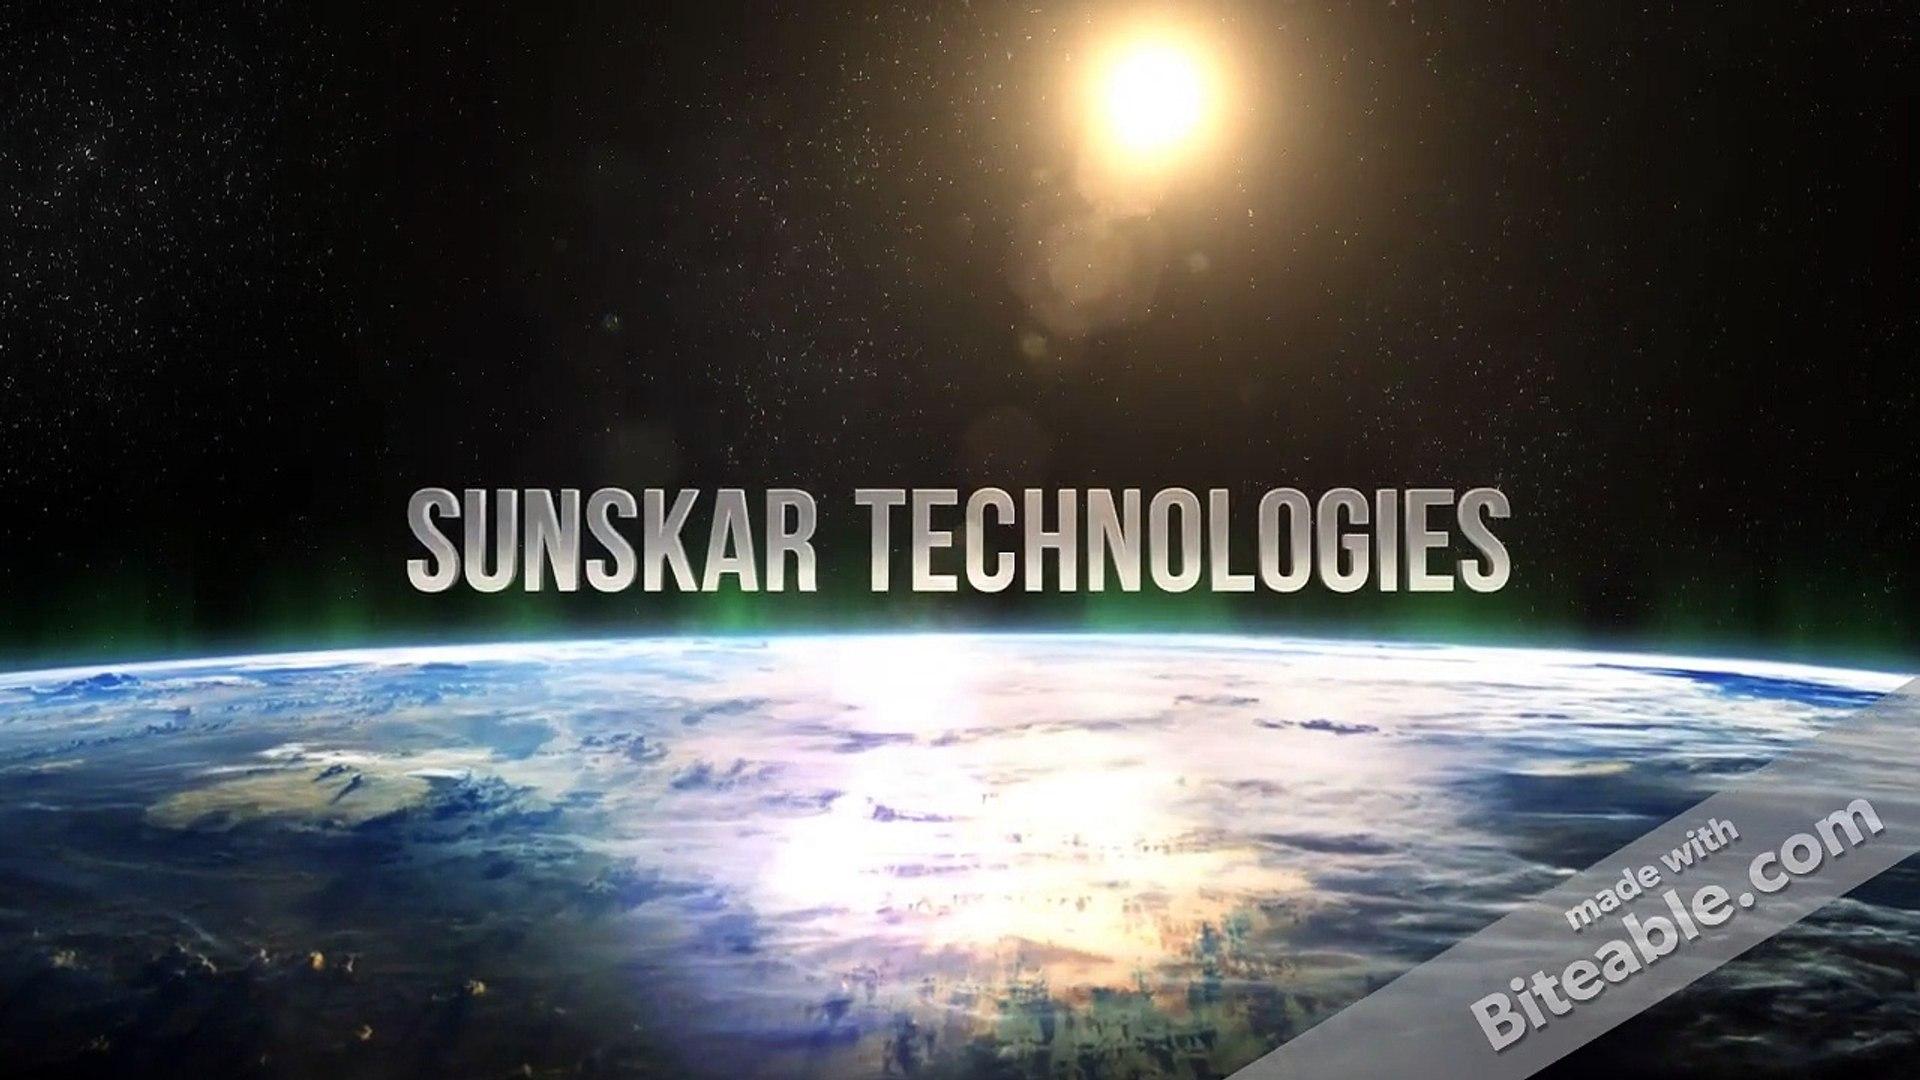 SUNSKAR TECHNOLOGIES